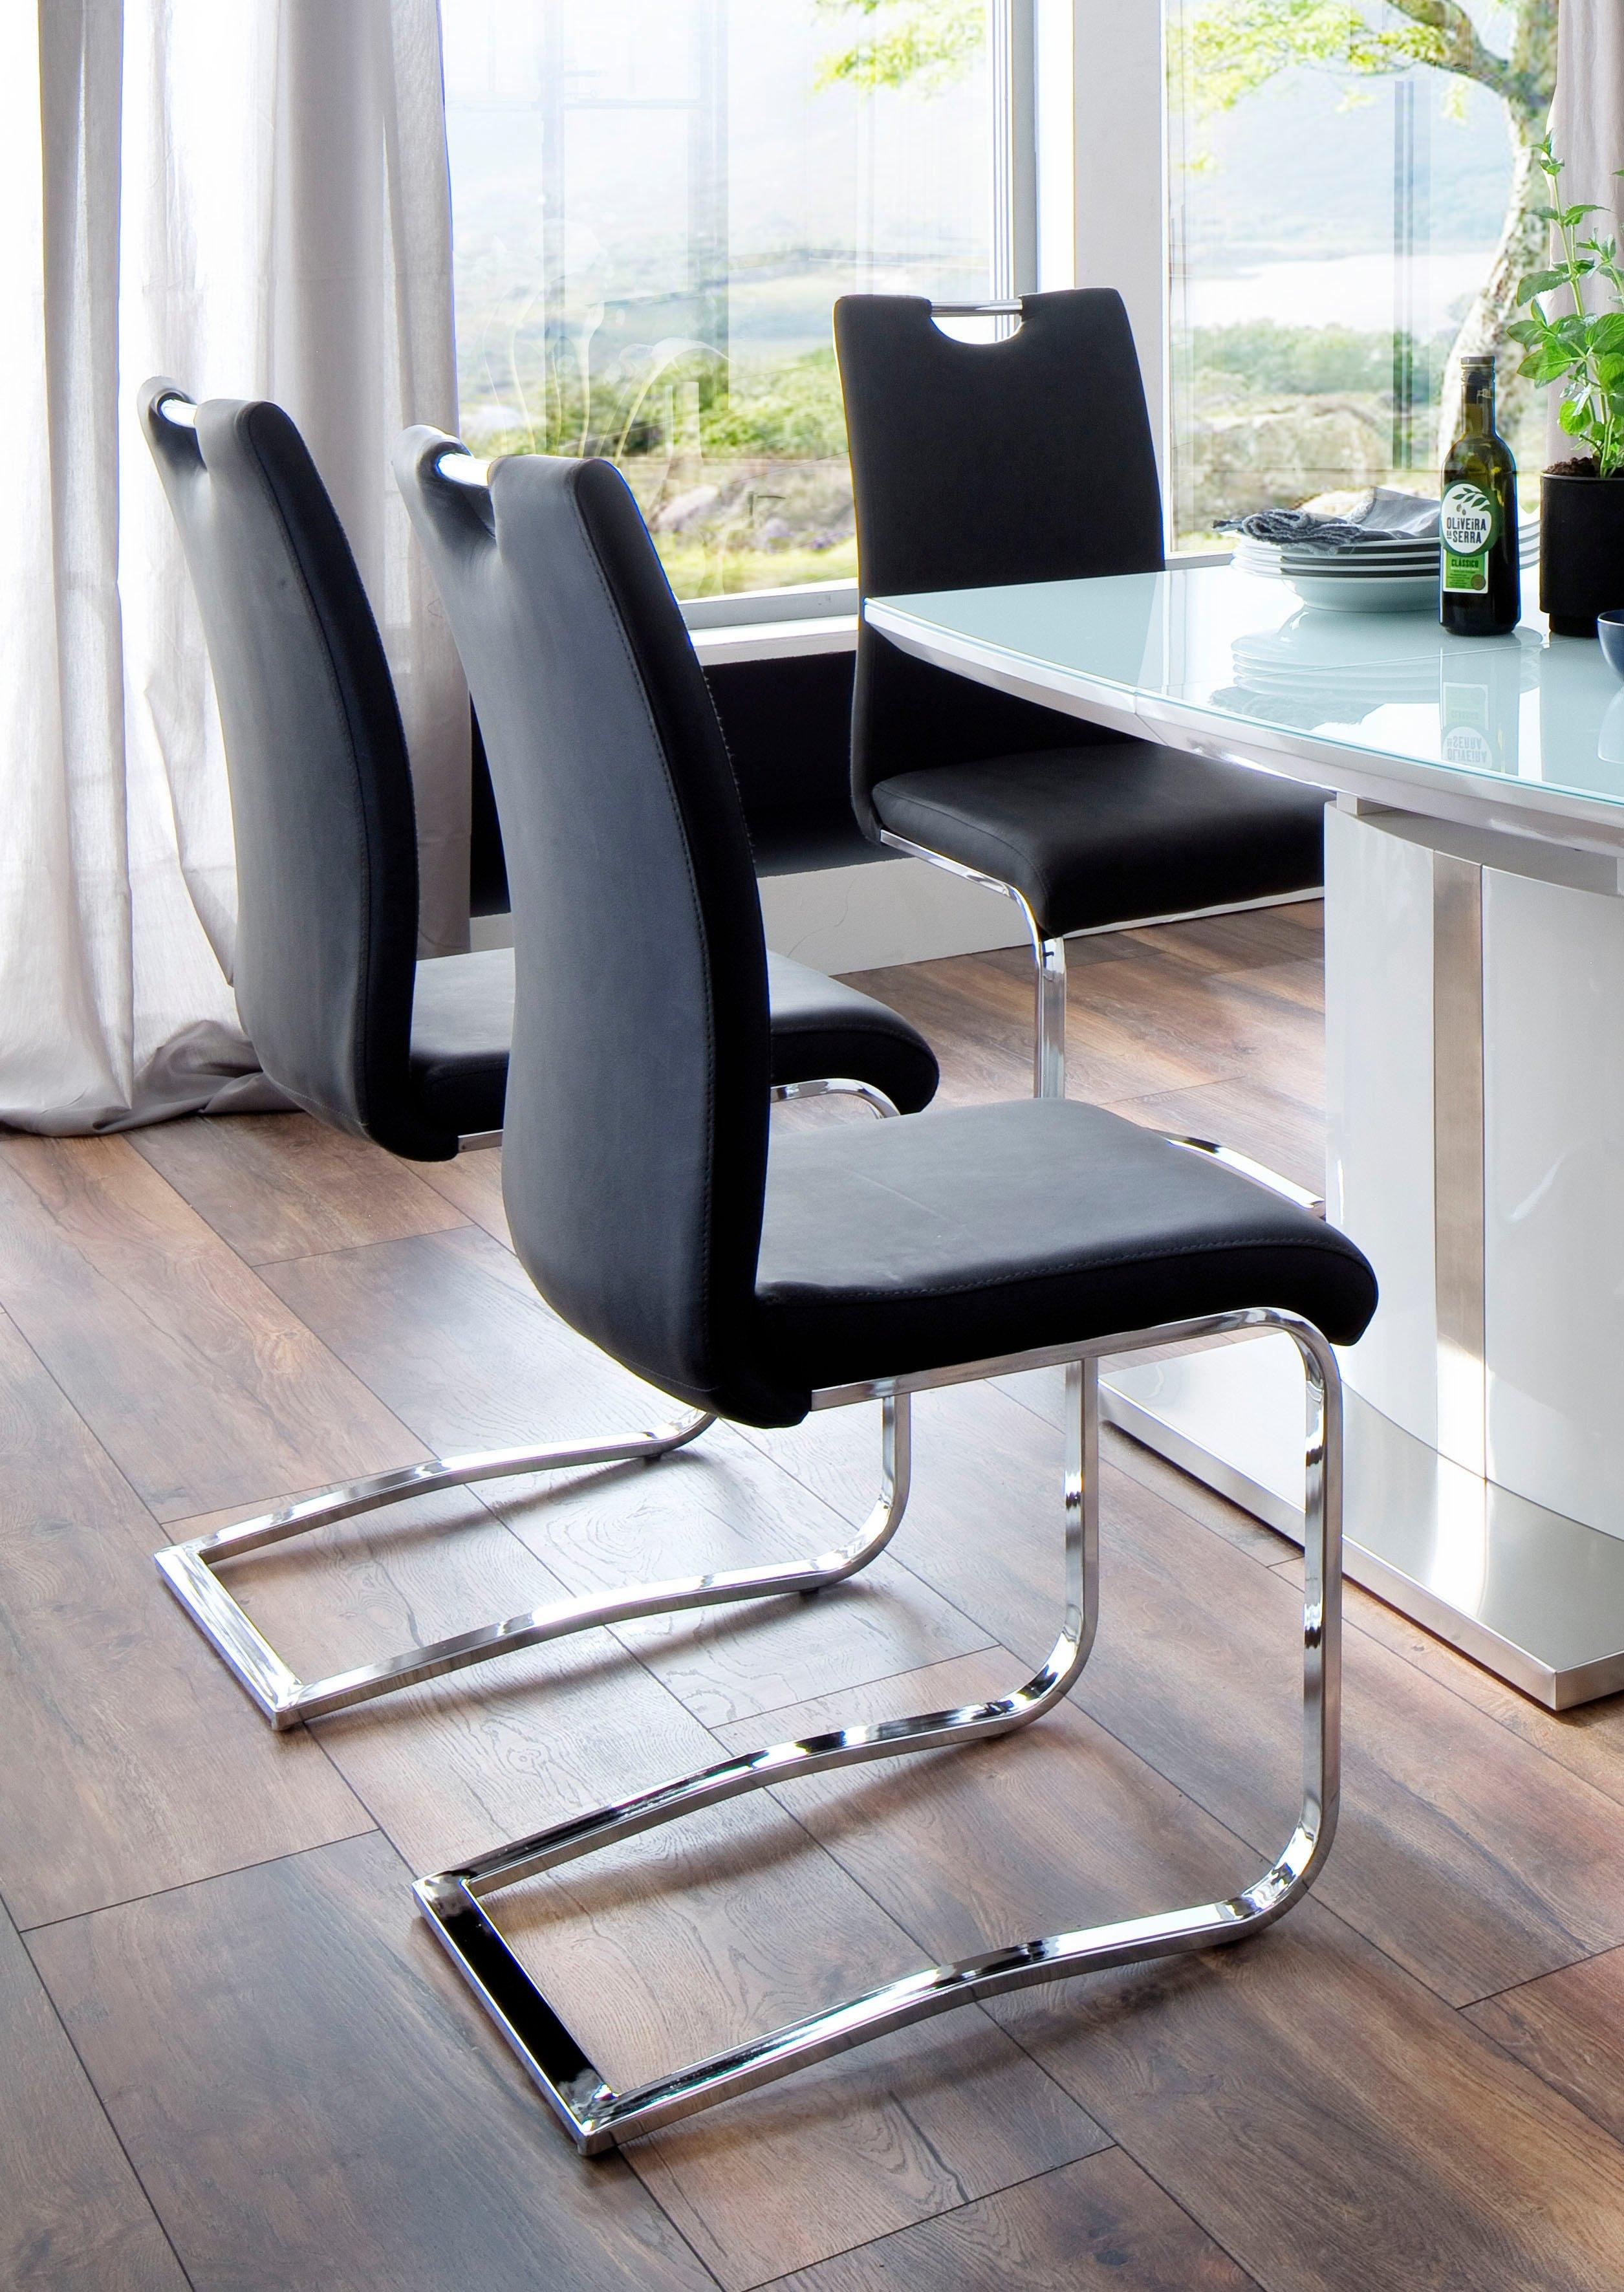 MCA furniture Eetkamerstoel Tia sledestoel Stoel belastbaar tot max. 120 kg (set, 4 stuks) voordelig en veilig online kopen